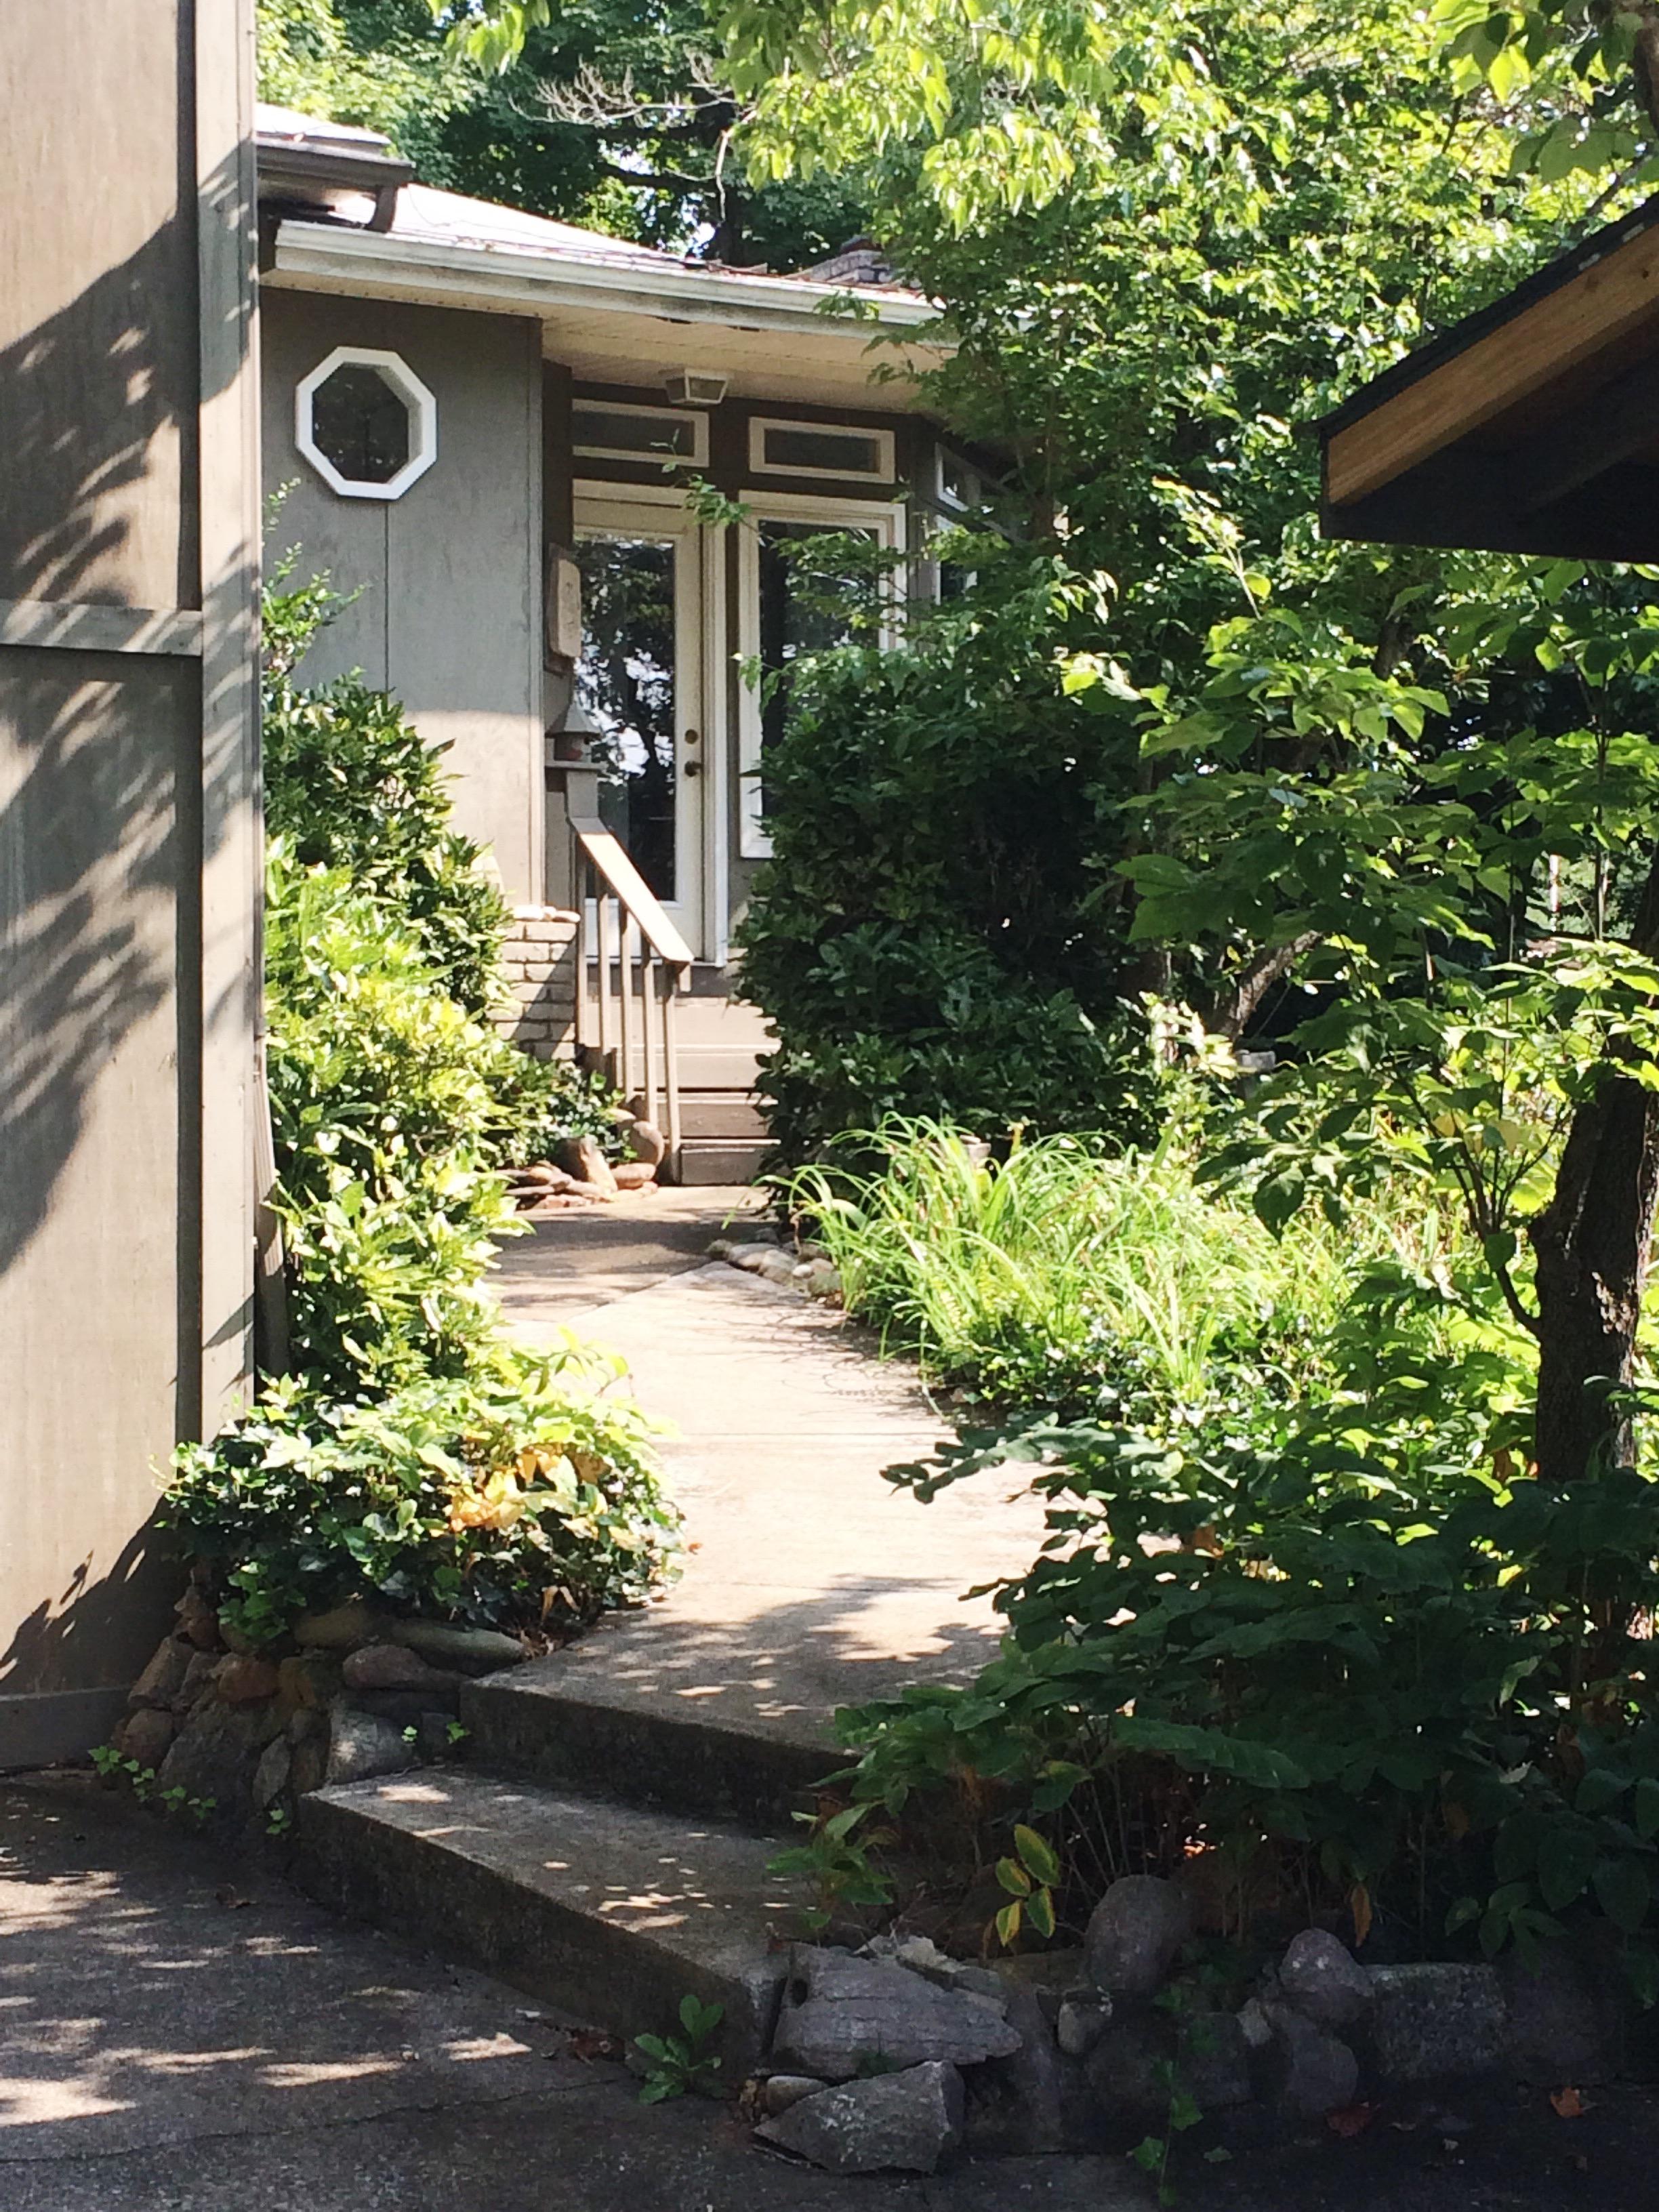 The front door of the Webb Home